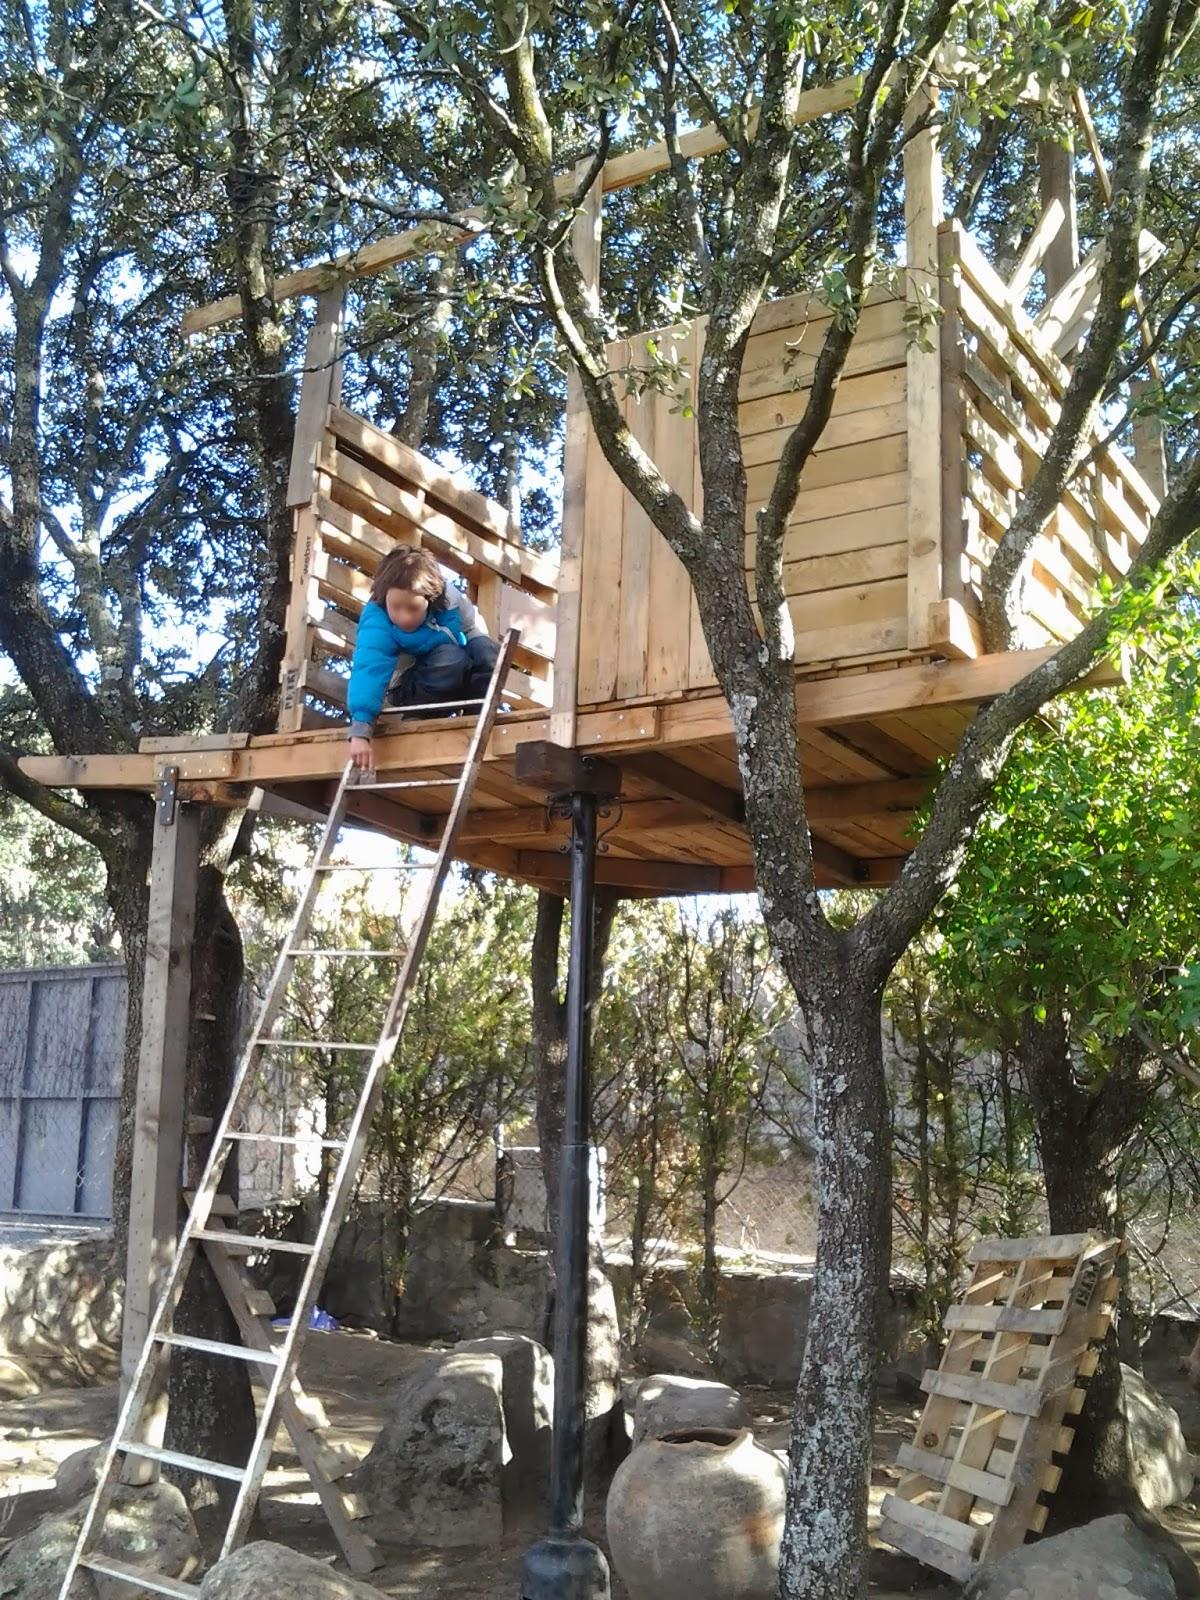 Supermanitas como construir caba a sobre varios rboles - Cabanas en los arboles ...